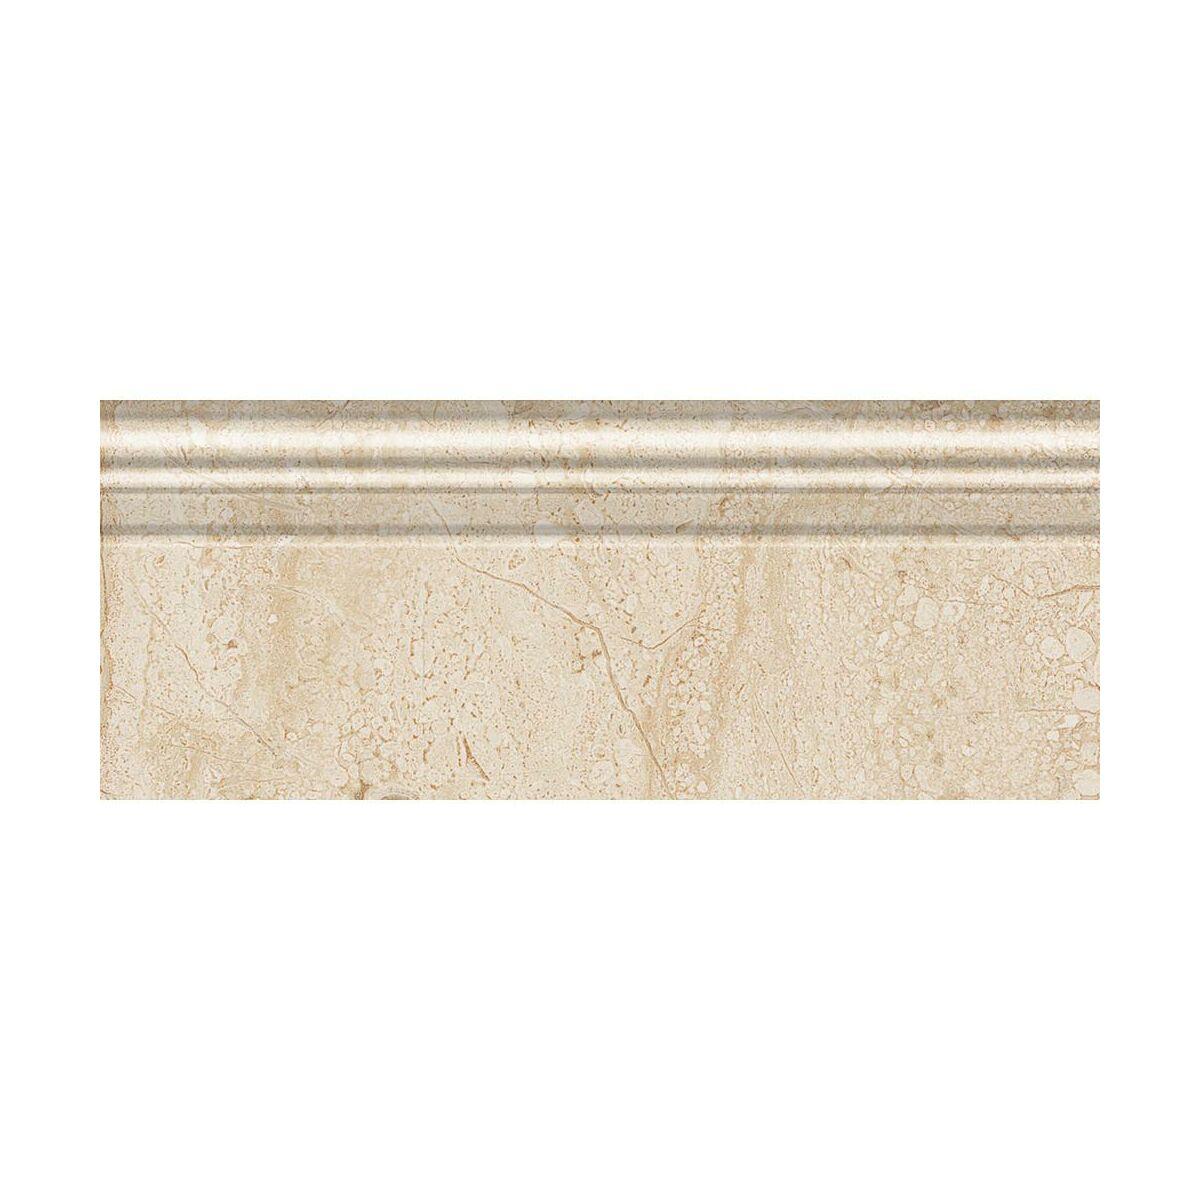 Listwa petrarca golden tile glazura w atrakcyjnej cenie w sklepach leroy - Smart tiles chez leroy merlin ...